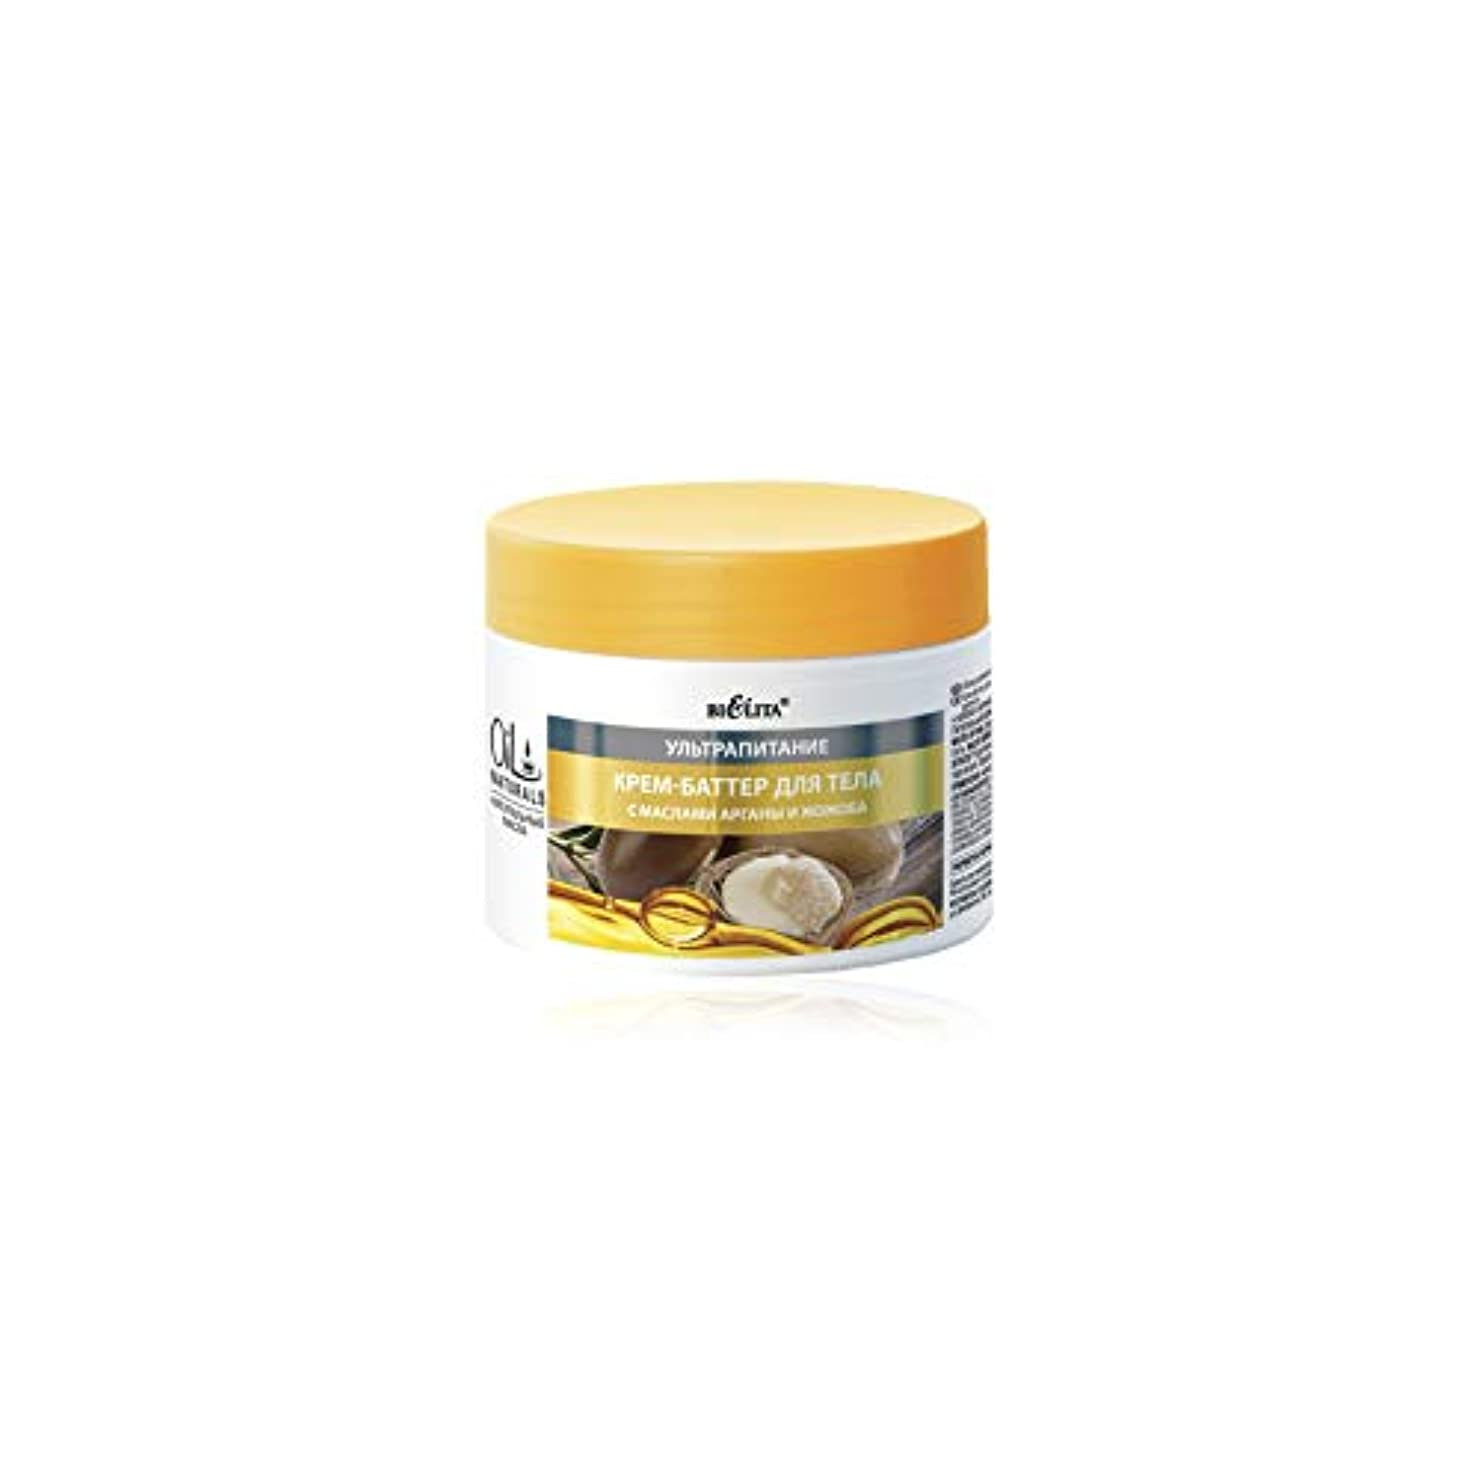 遅らせる干渉する尾Bielita & Vitex Oil Naturals Line | Ultra Nourishing Body Butter-Cream for Dry and Sensitive Skin, 300 ml | Argan...